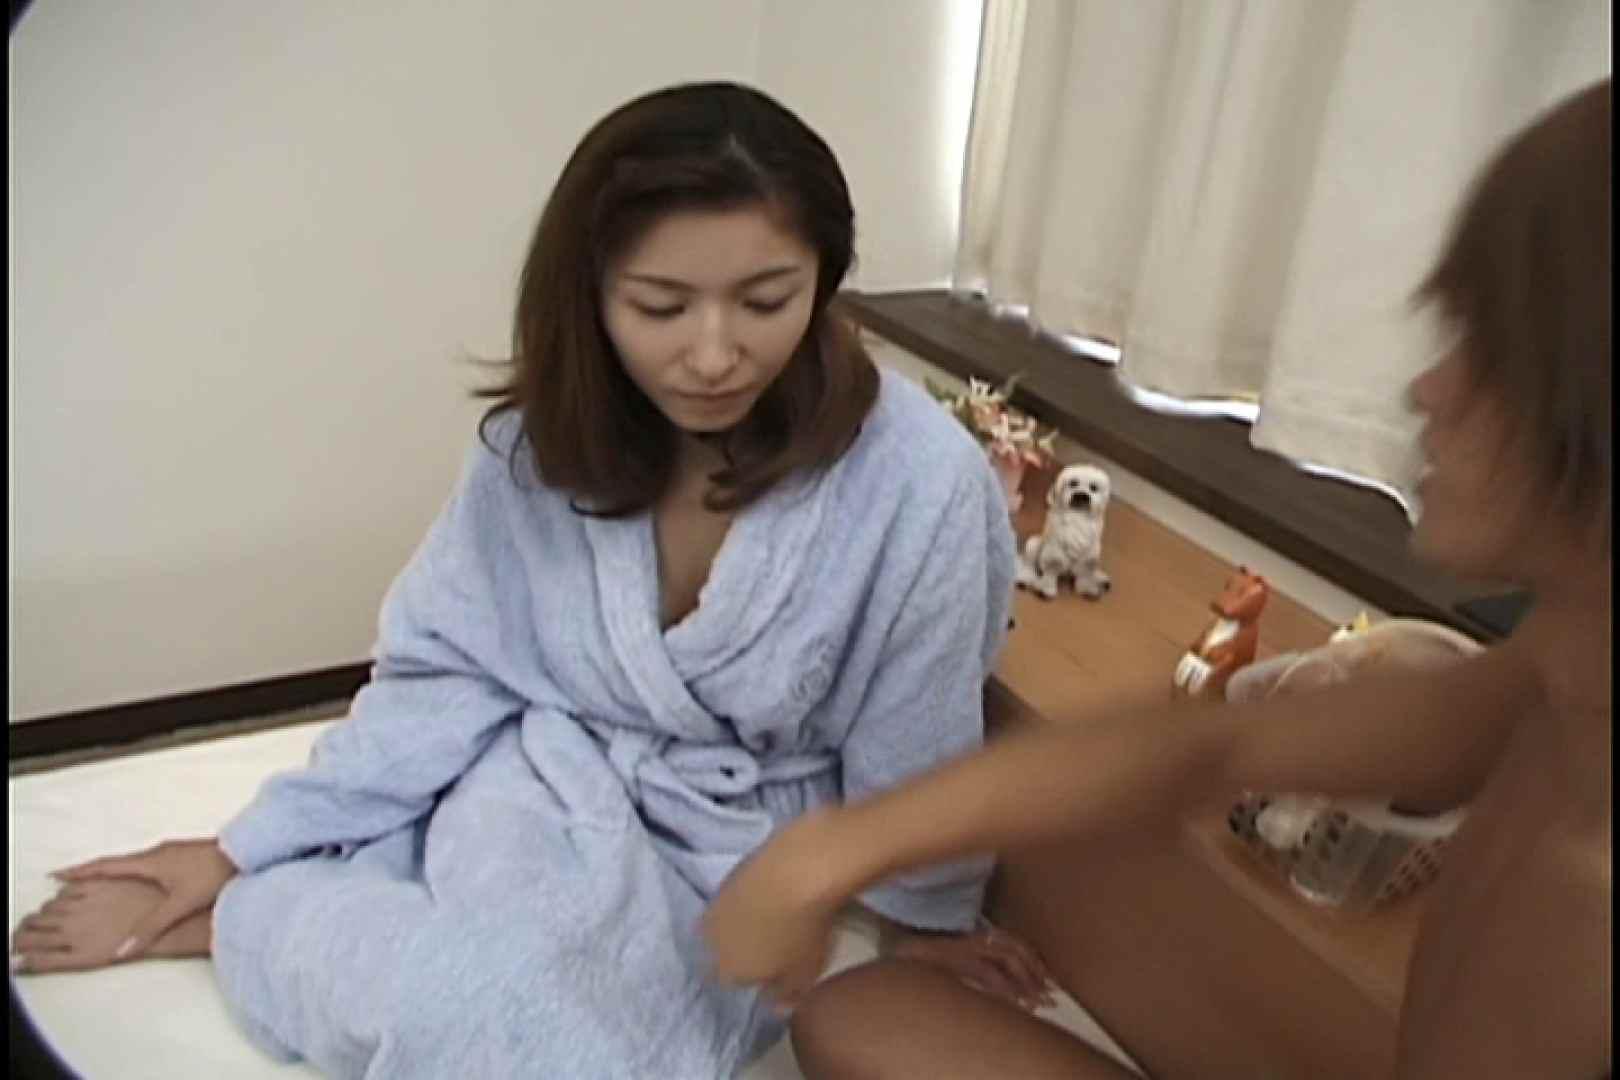 昼間の奥様は欲求不満 ~安田弘美~ おっぱい  78pic 36